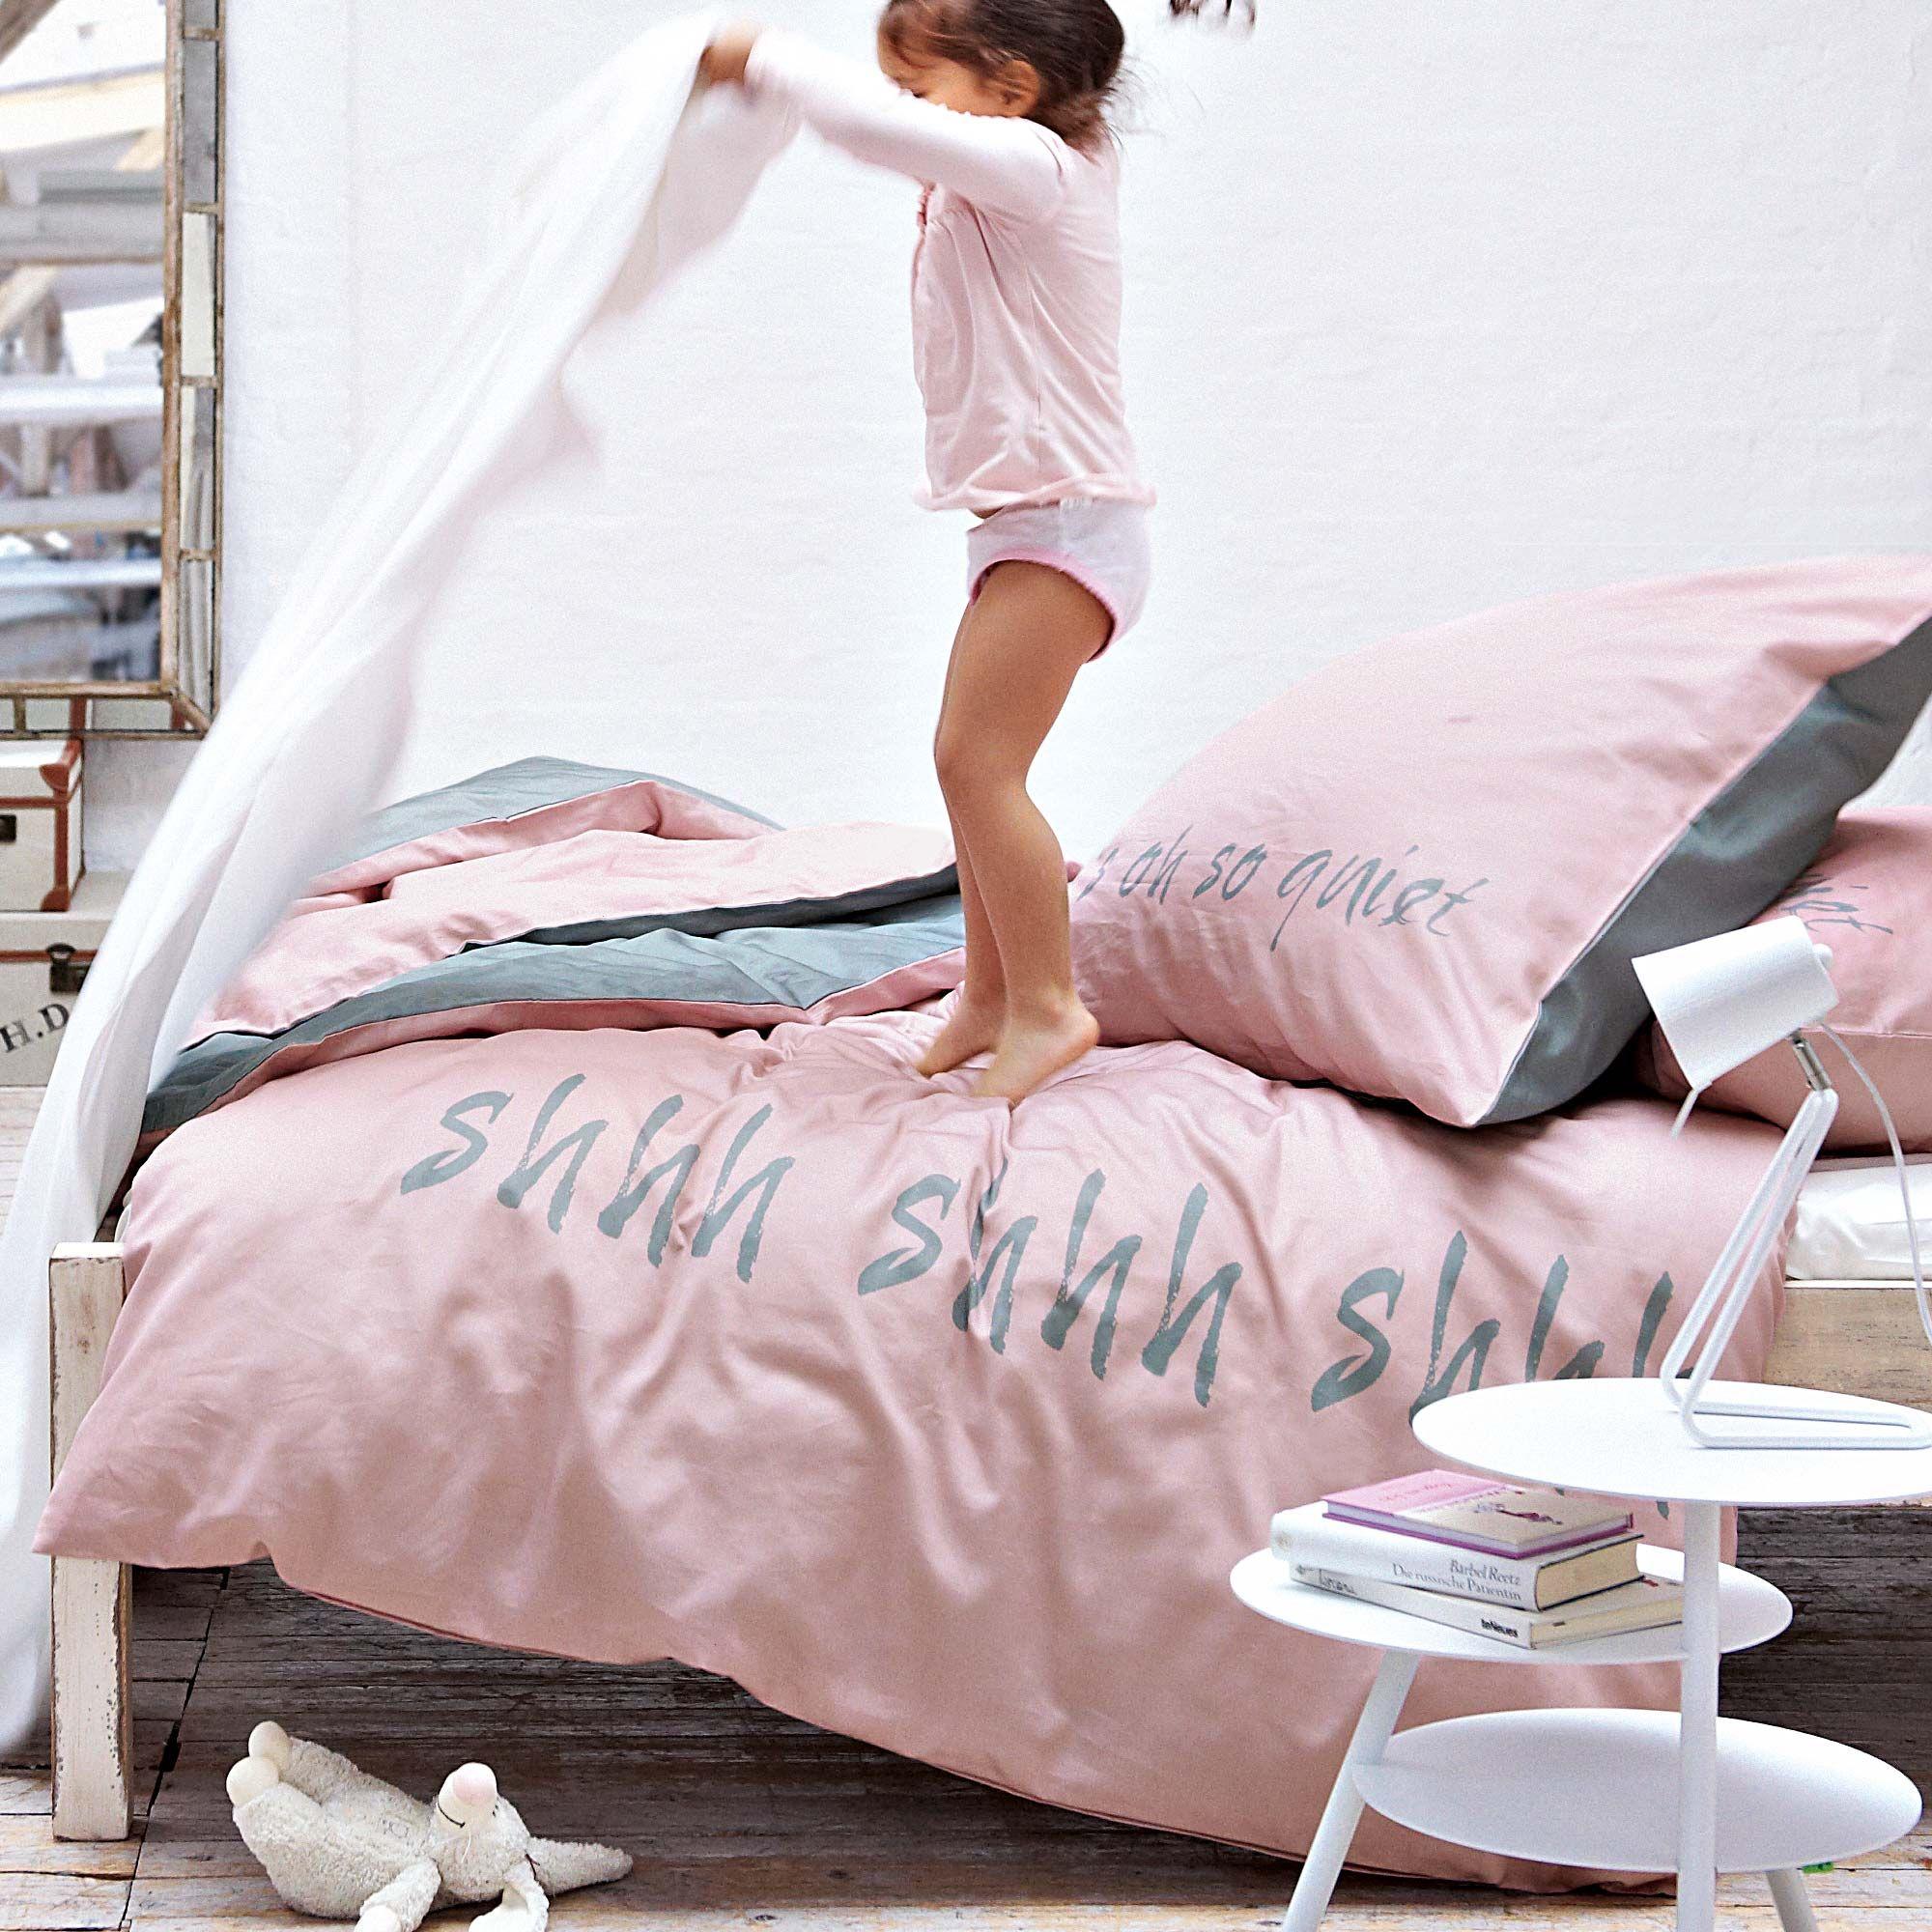 shhh, shhh. Bettwäsche in rosa und grau. | BABY BABY BABY ...